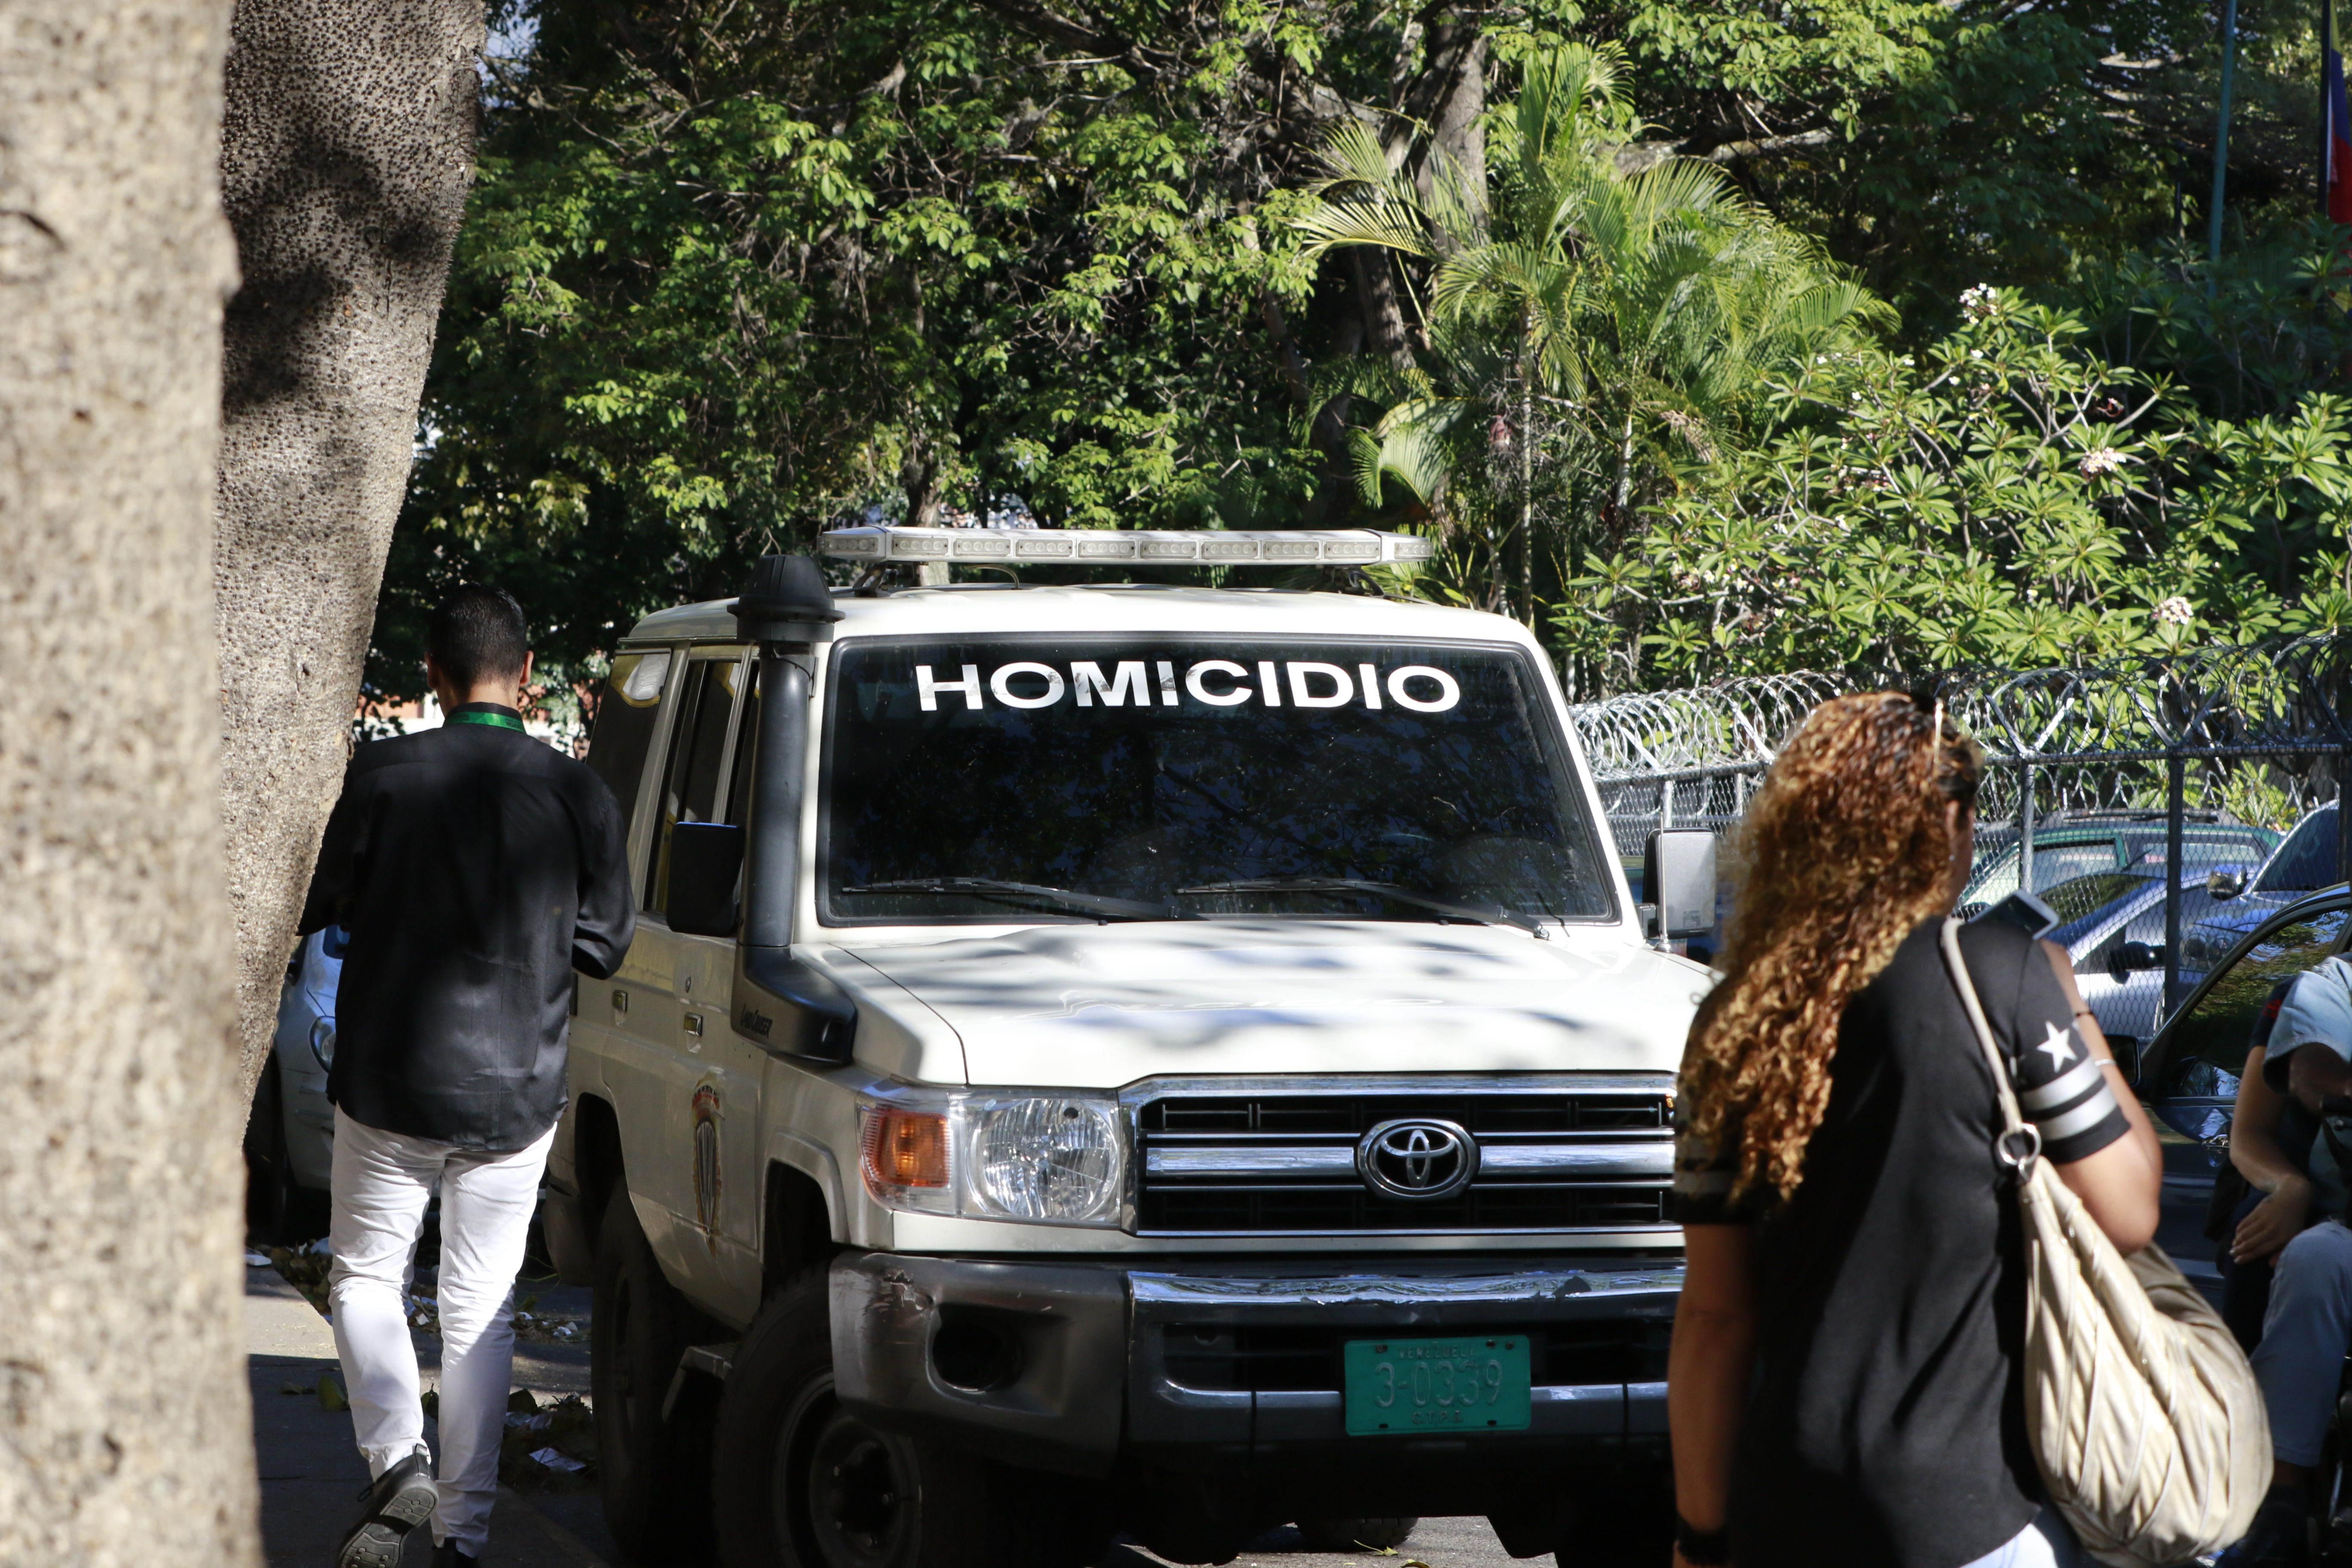 Asesinaron a joven de 16 años en  barrio entre Petare y Santa Lucía